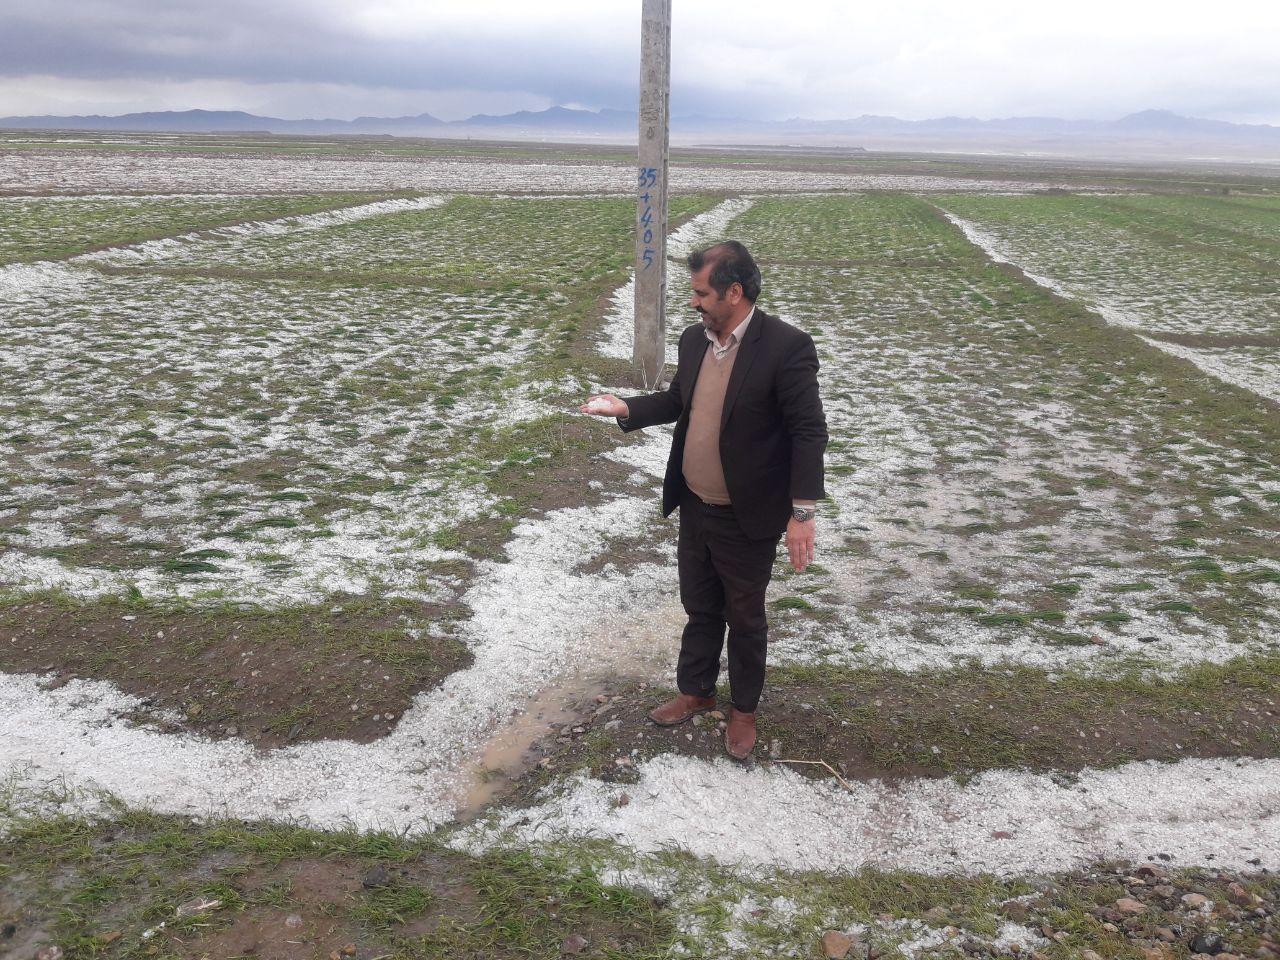 خسارت 22 میلیارد تومانی سرما و سیل به باغهای زاوه